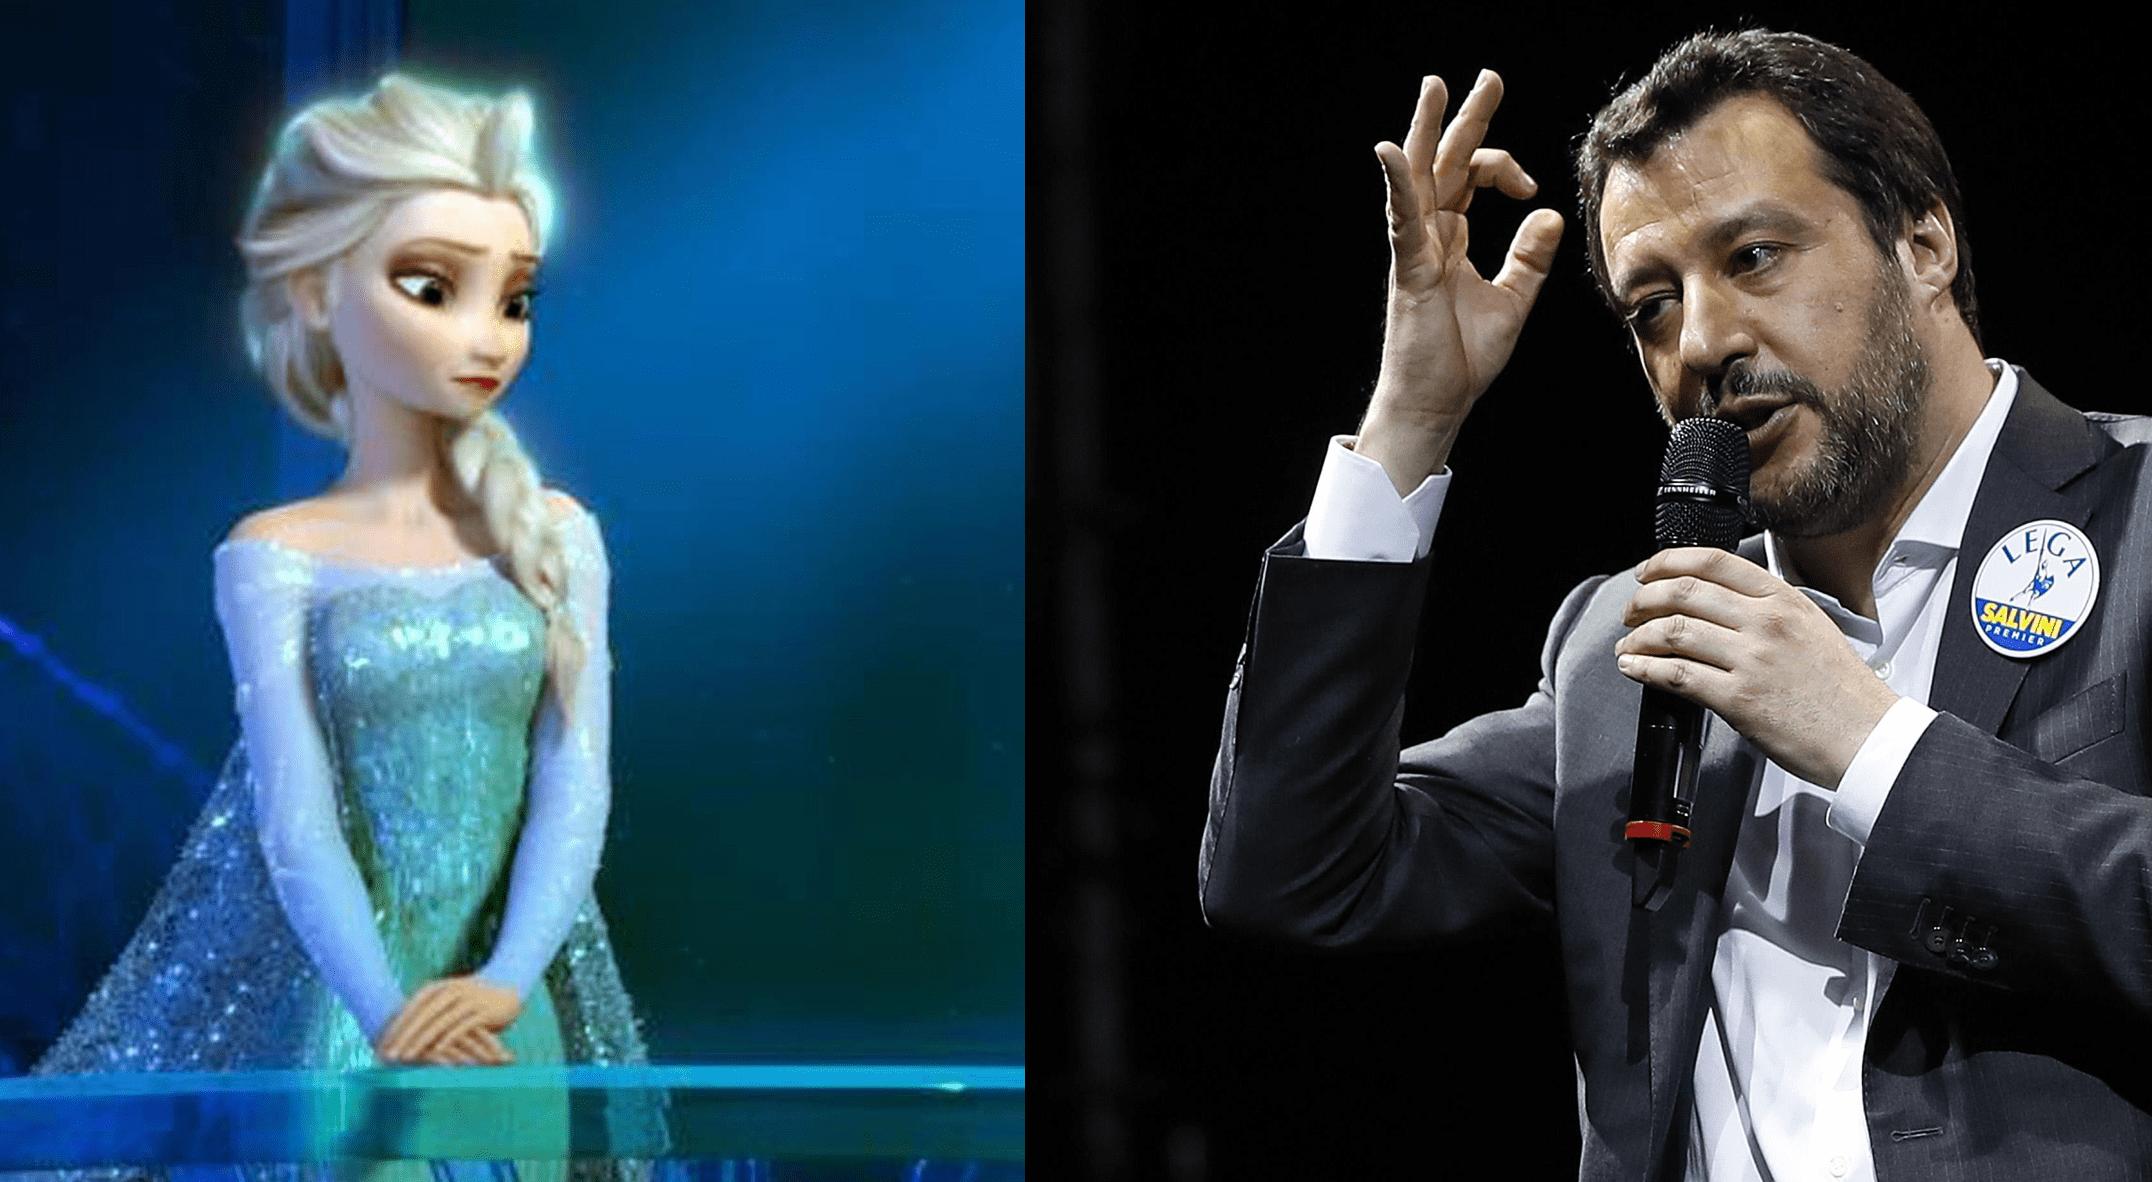 Salvini contro Elsa di Frozen: 'Non deve diventare lesbica'